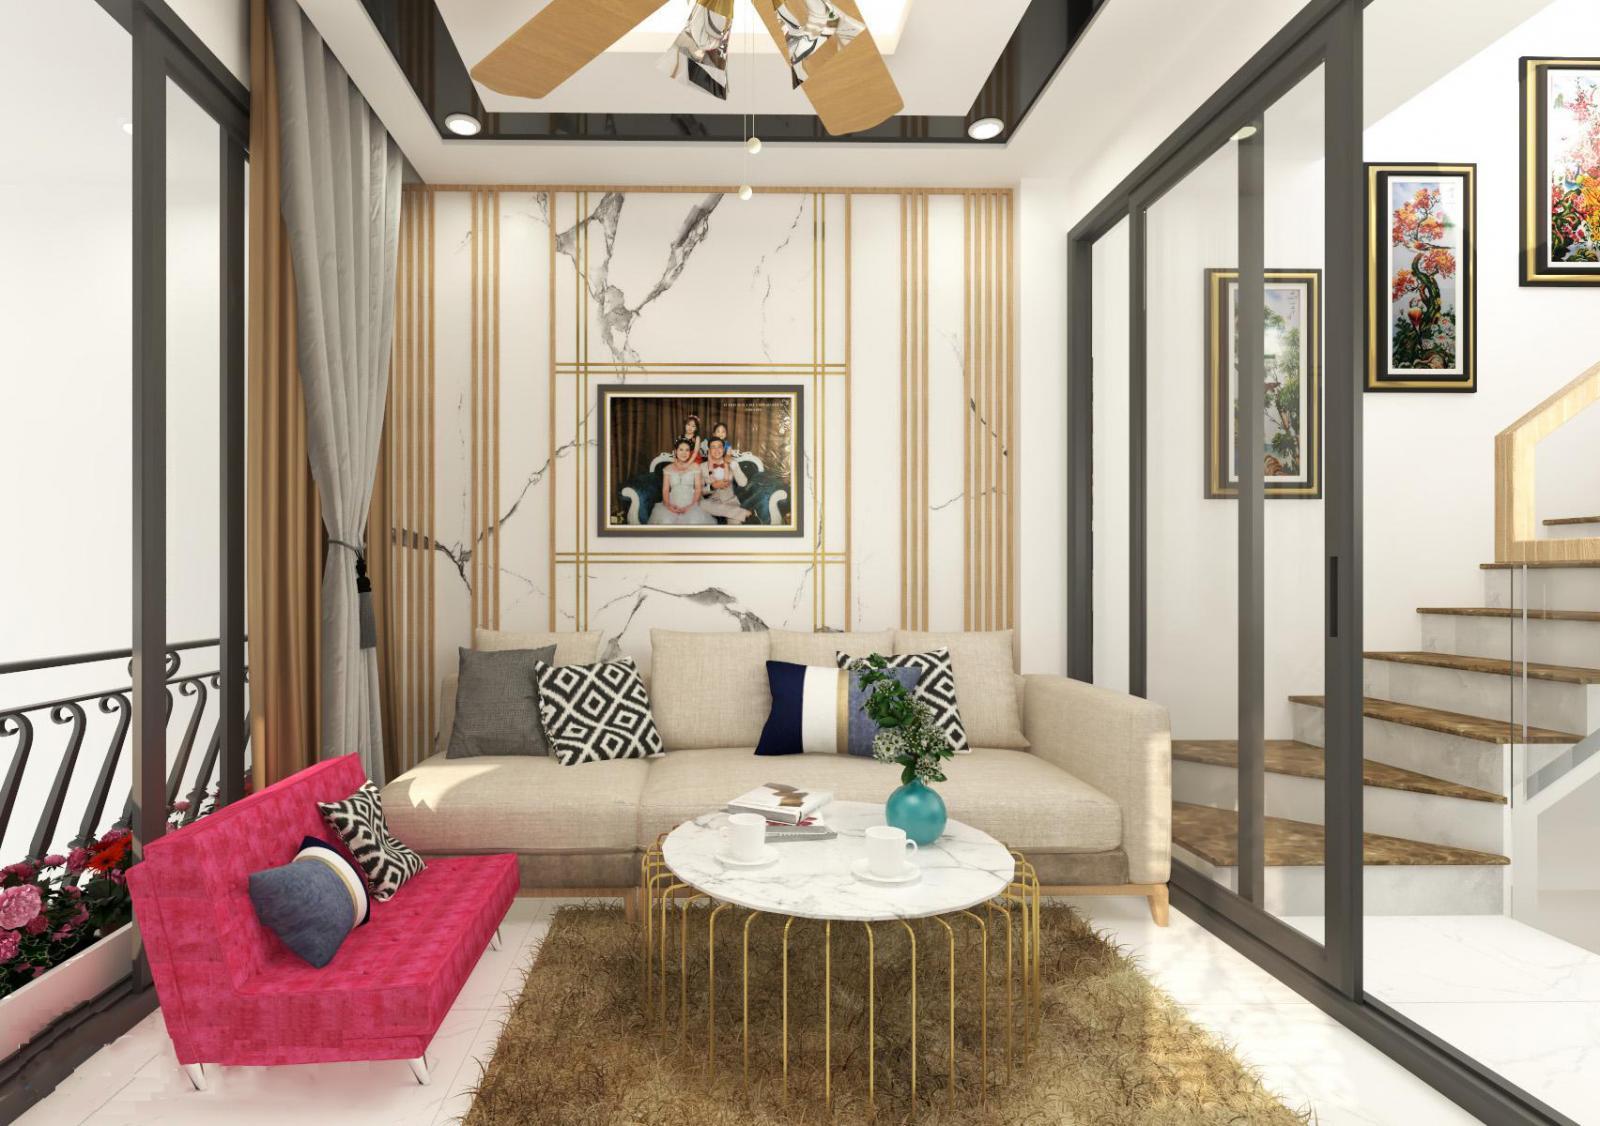 Gợi ý thiết kế nội thất phòng khách theo diện tích